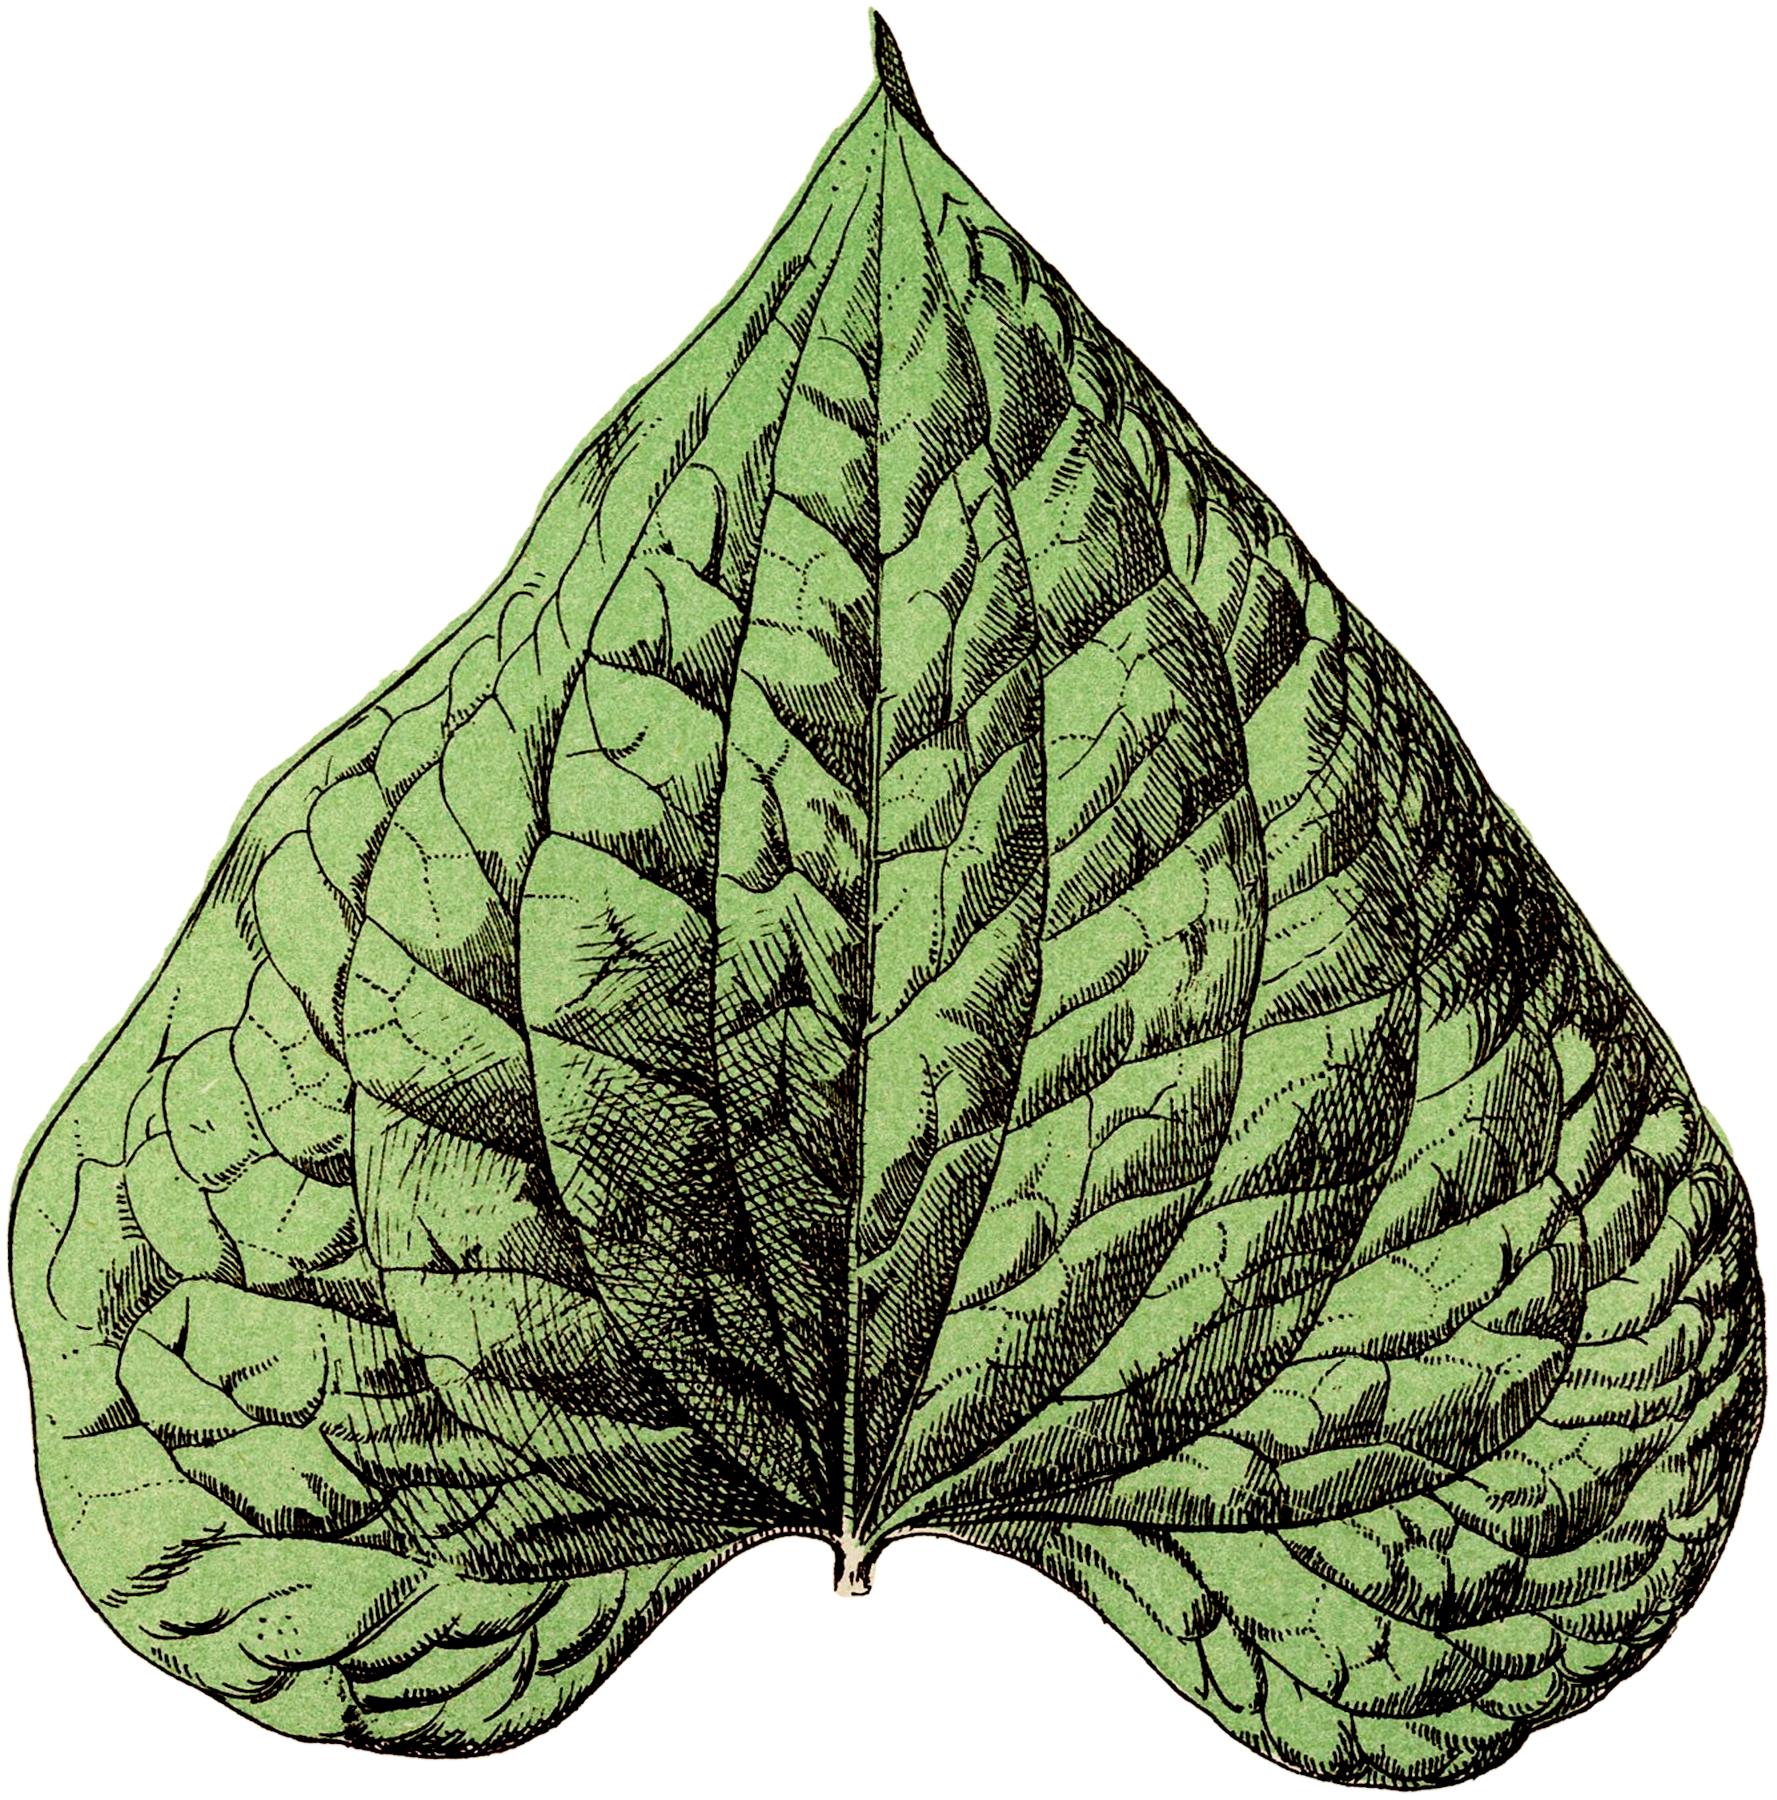 Vintage Botanical Leaf Image